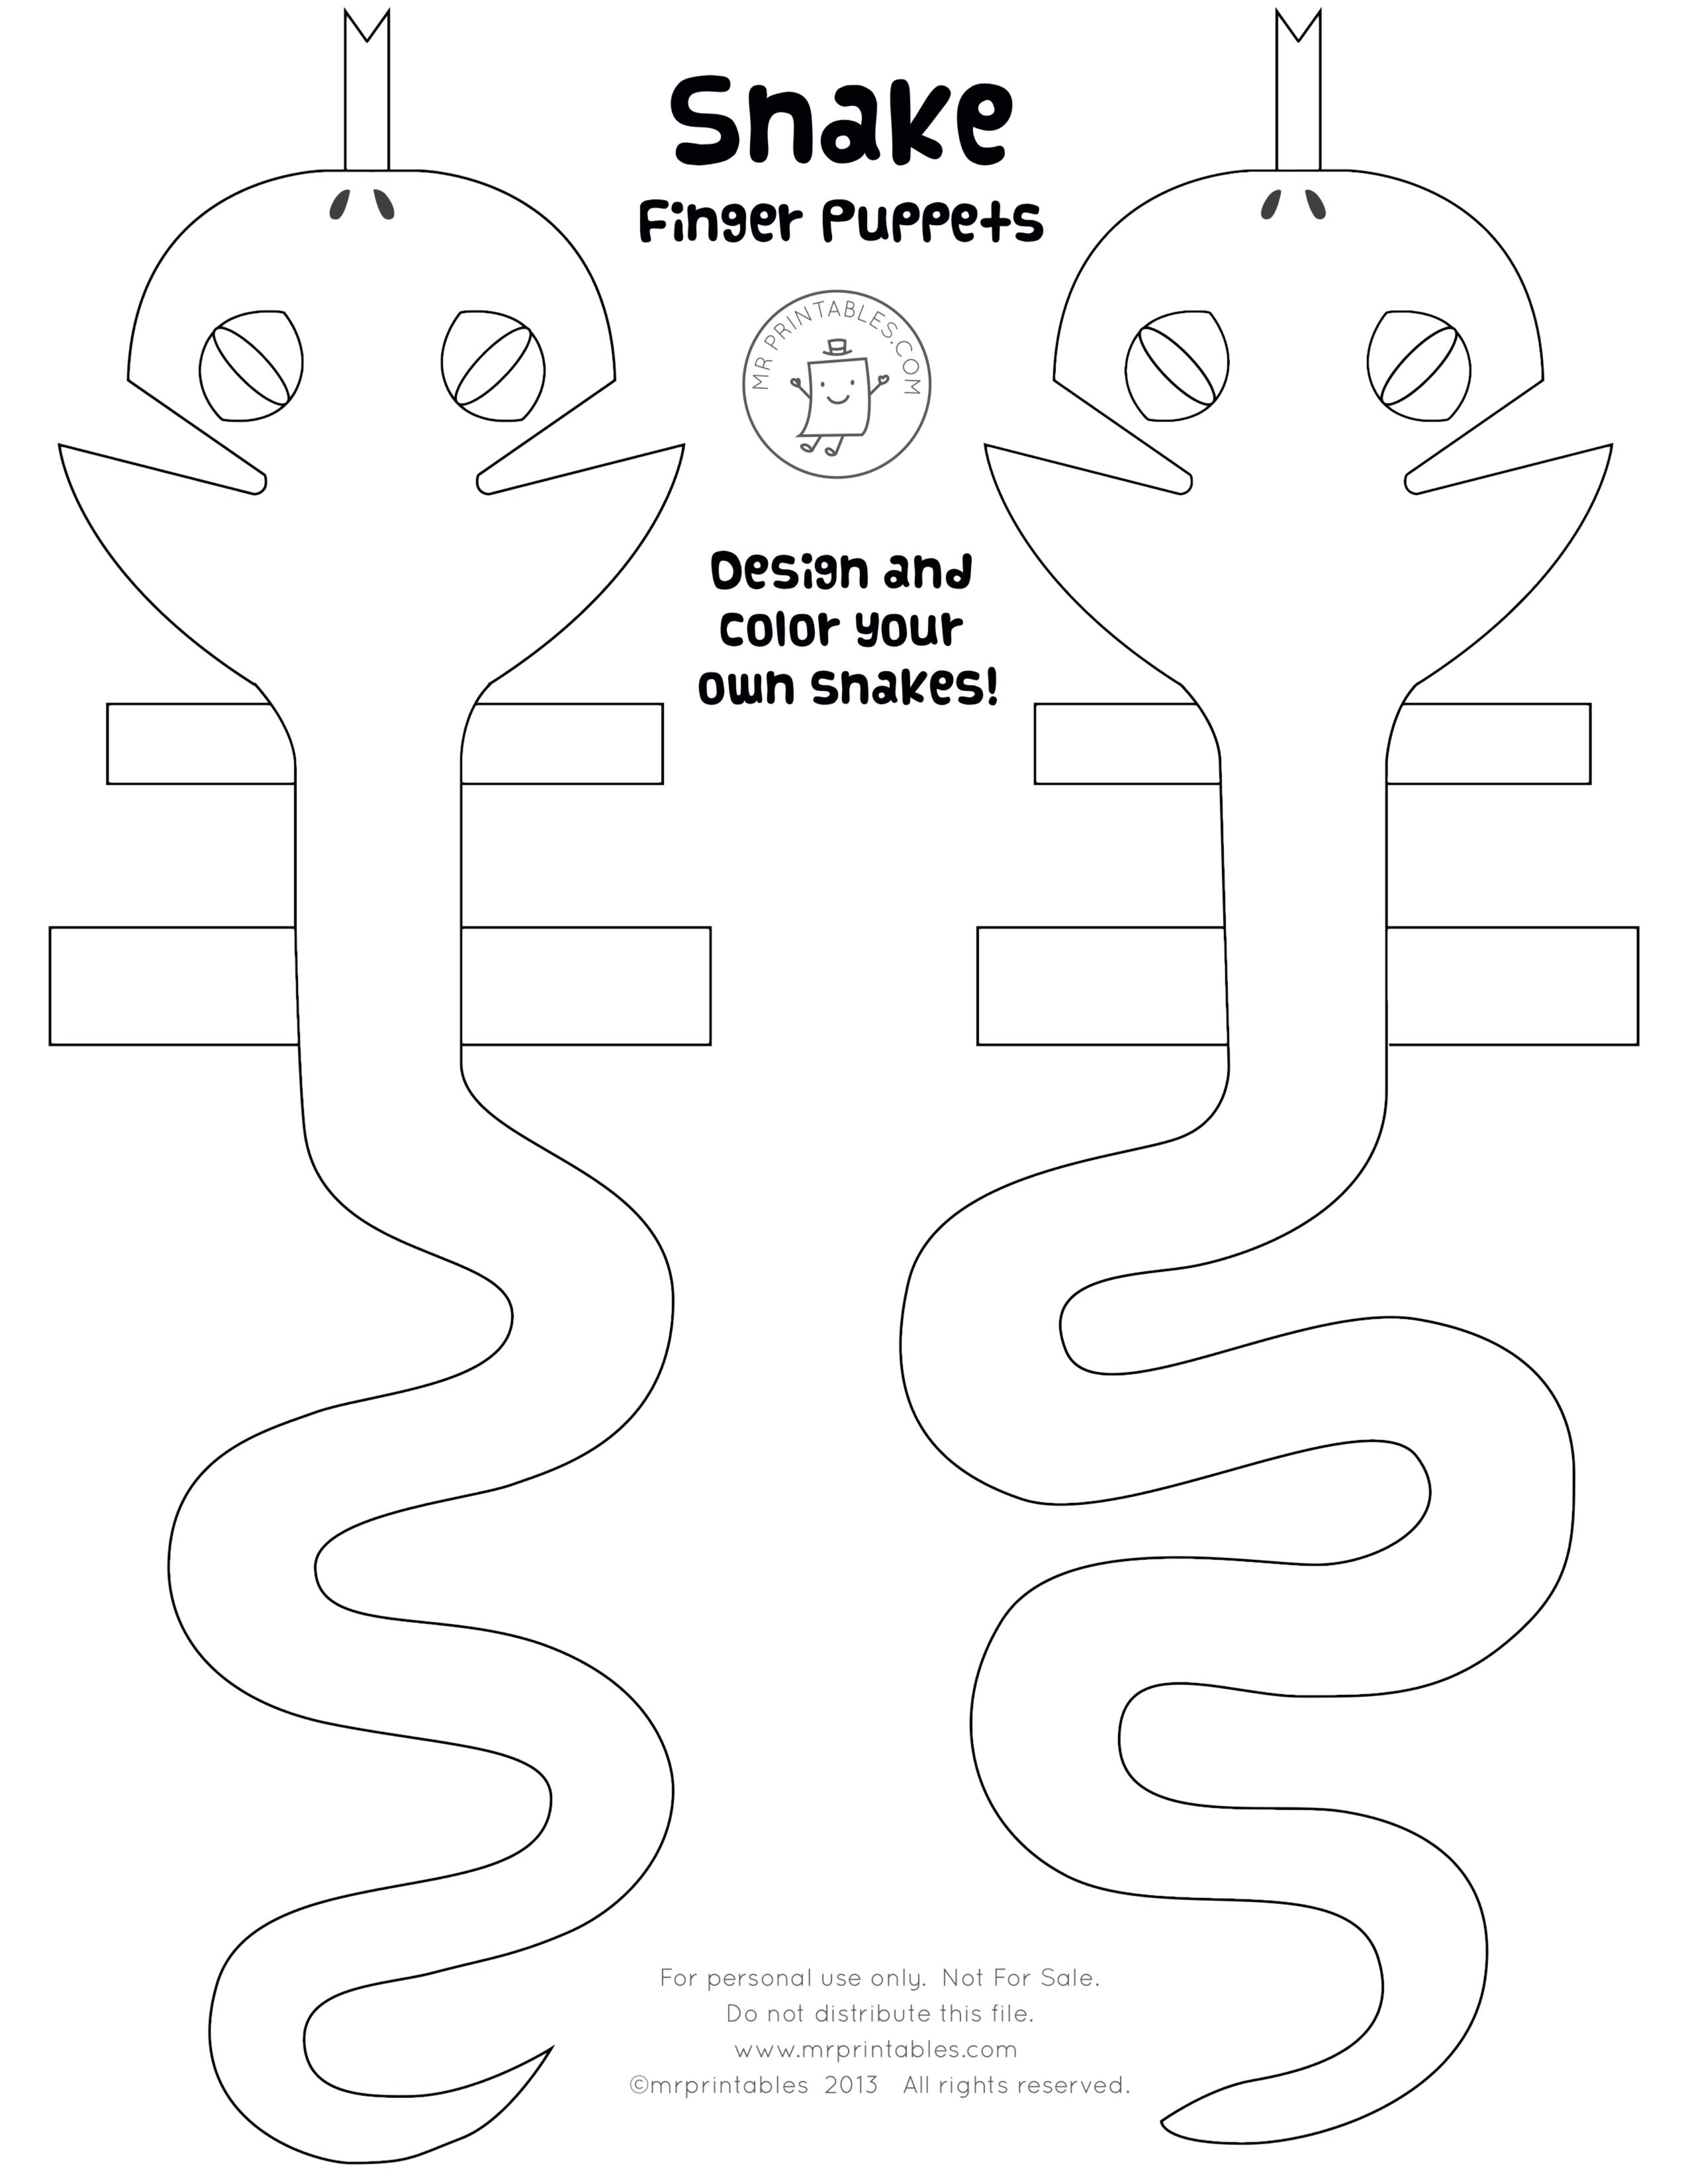 Printable Snake Finger Puppets